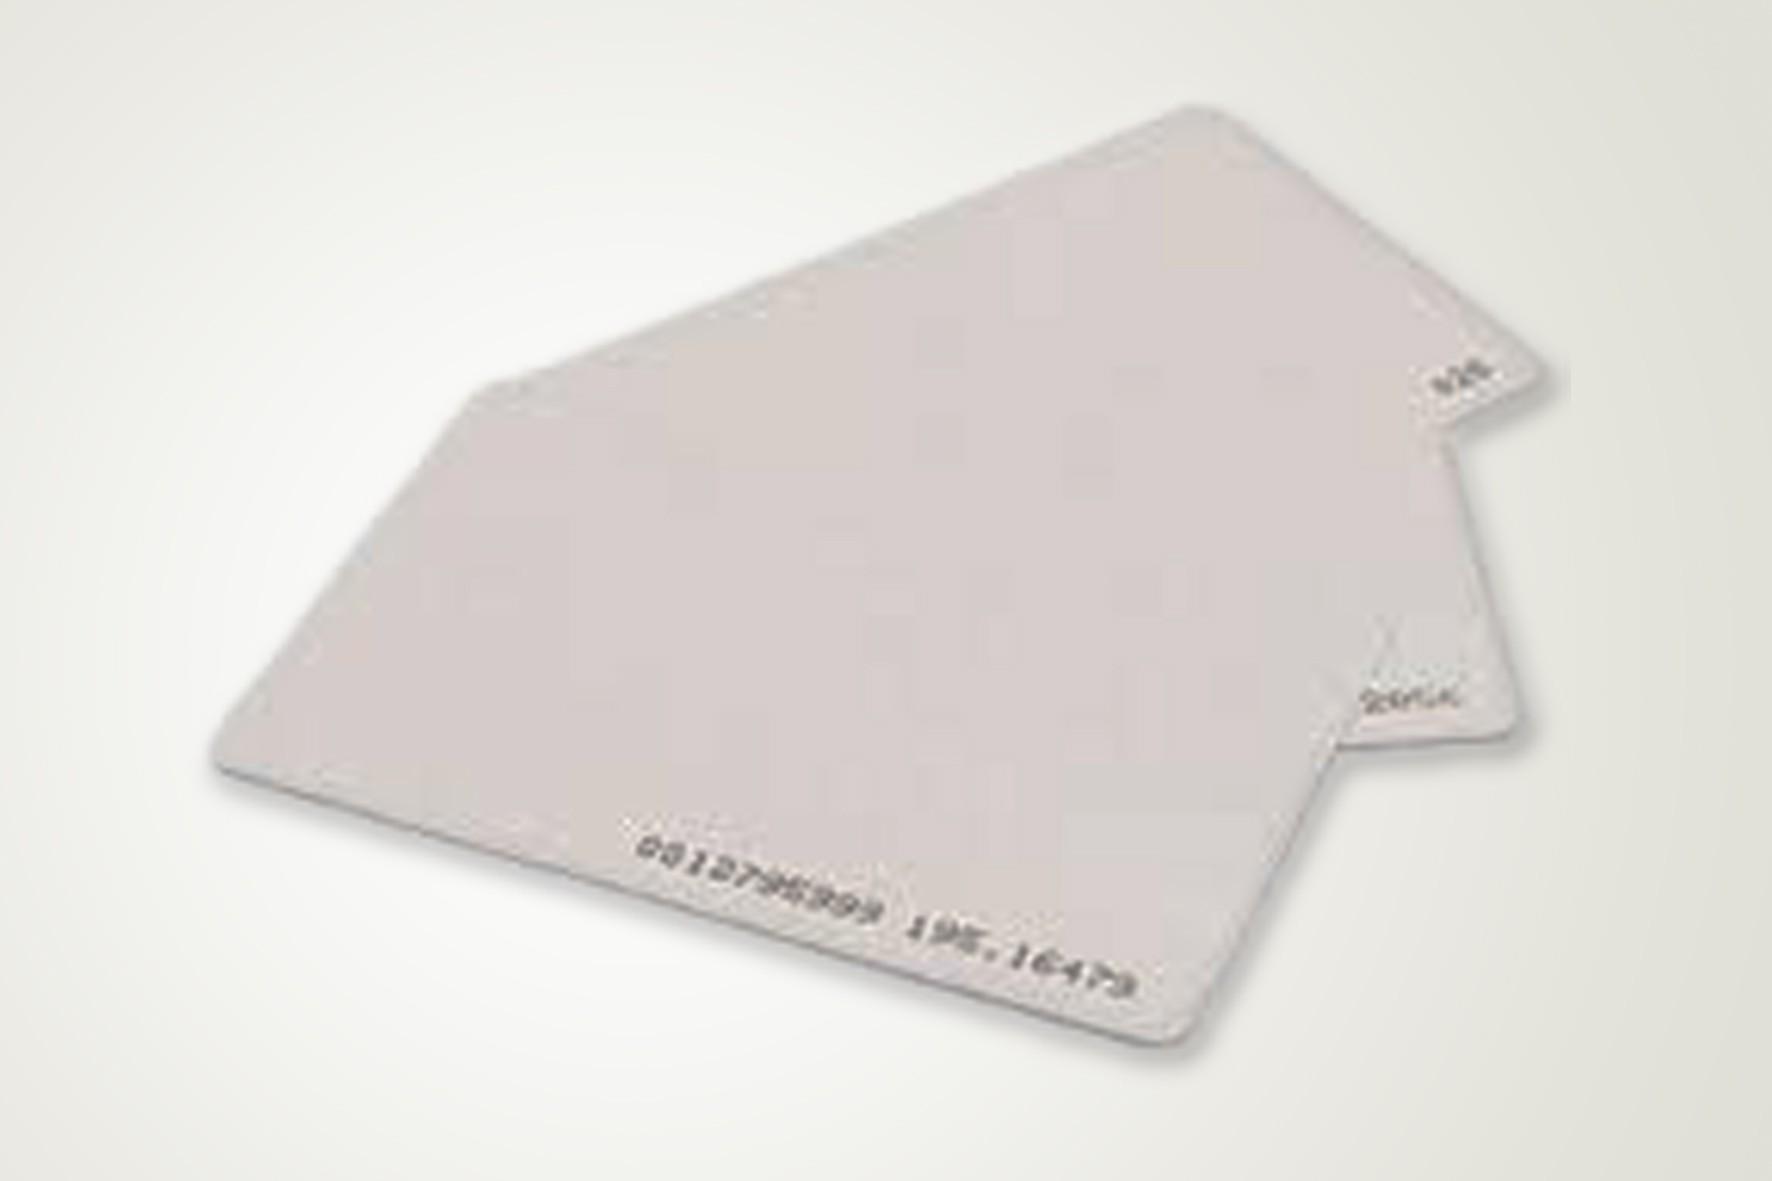 Cartões com Chip de Proximidade no Jardim Madalena - Calendário em Diadema